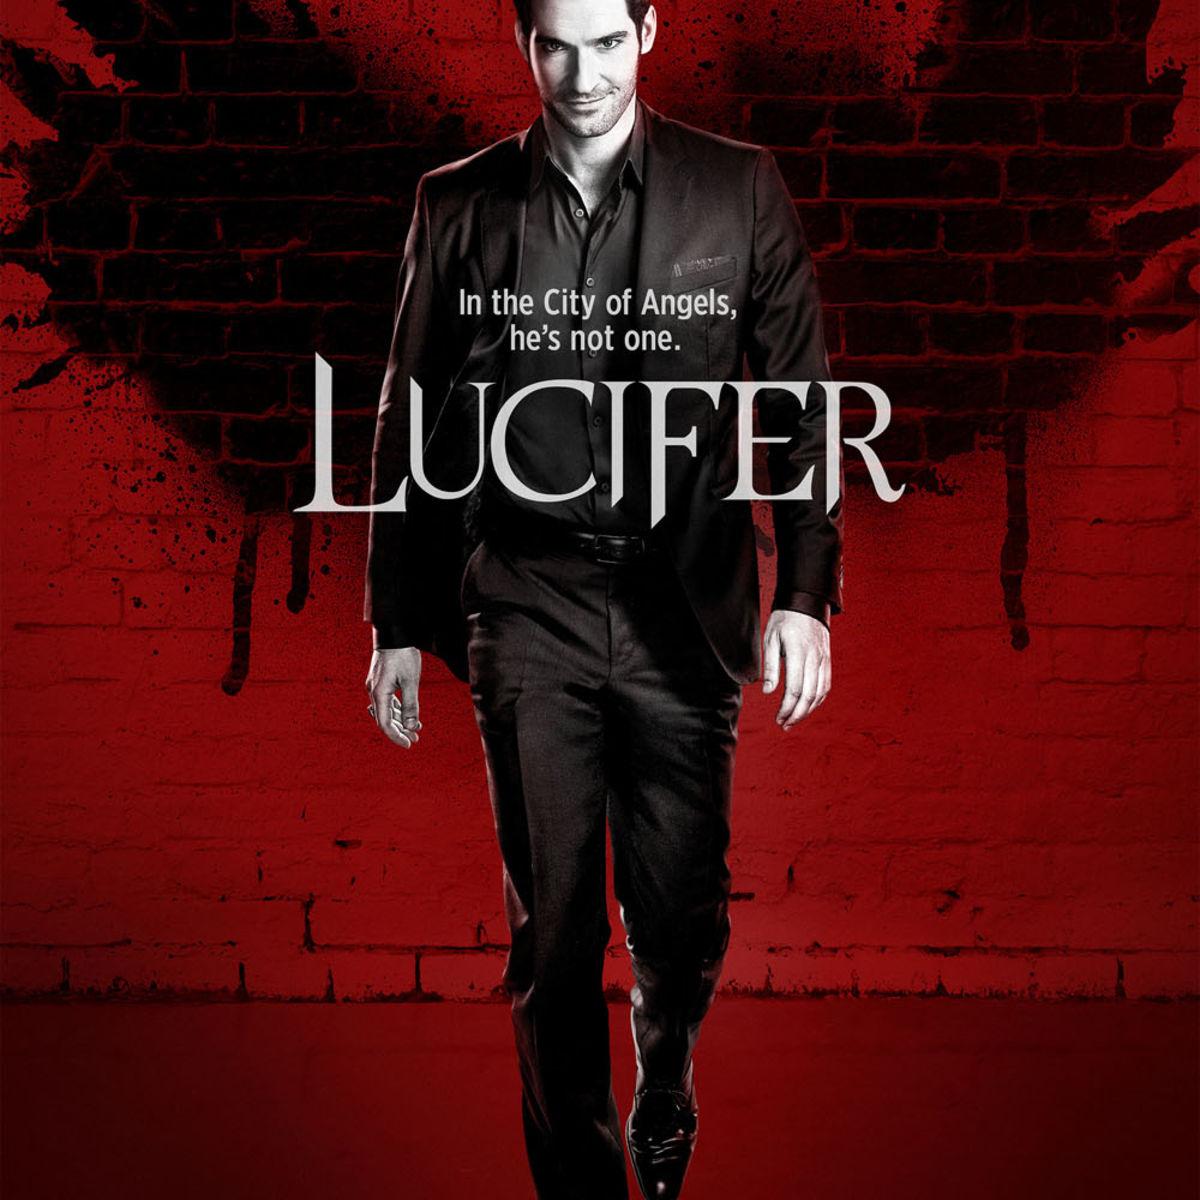 lucifer-poster2_0.jpg